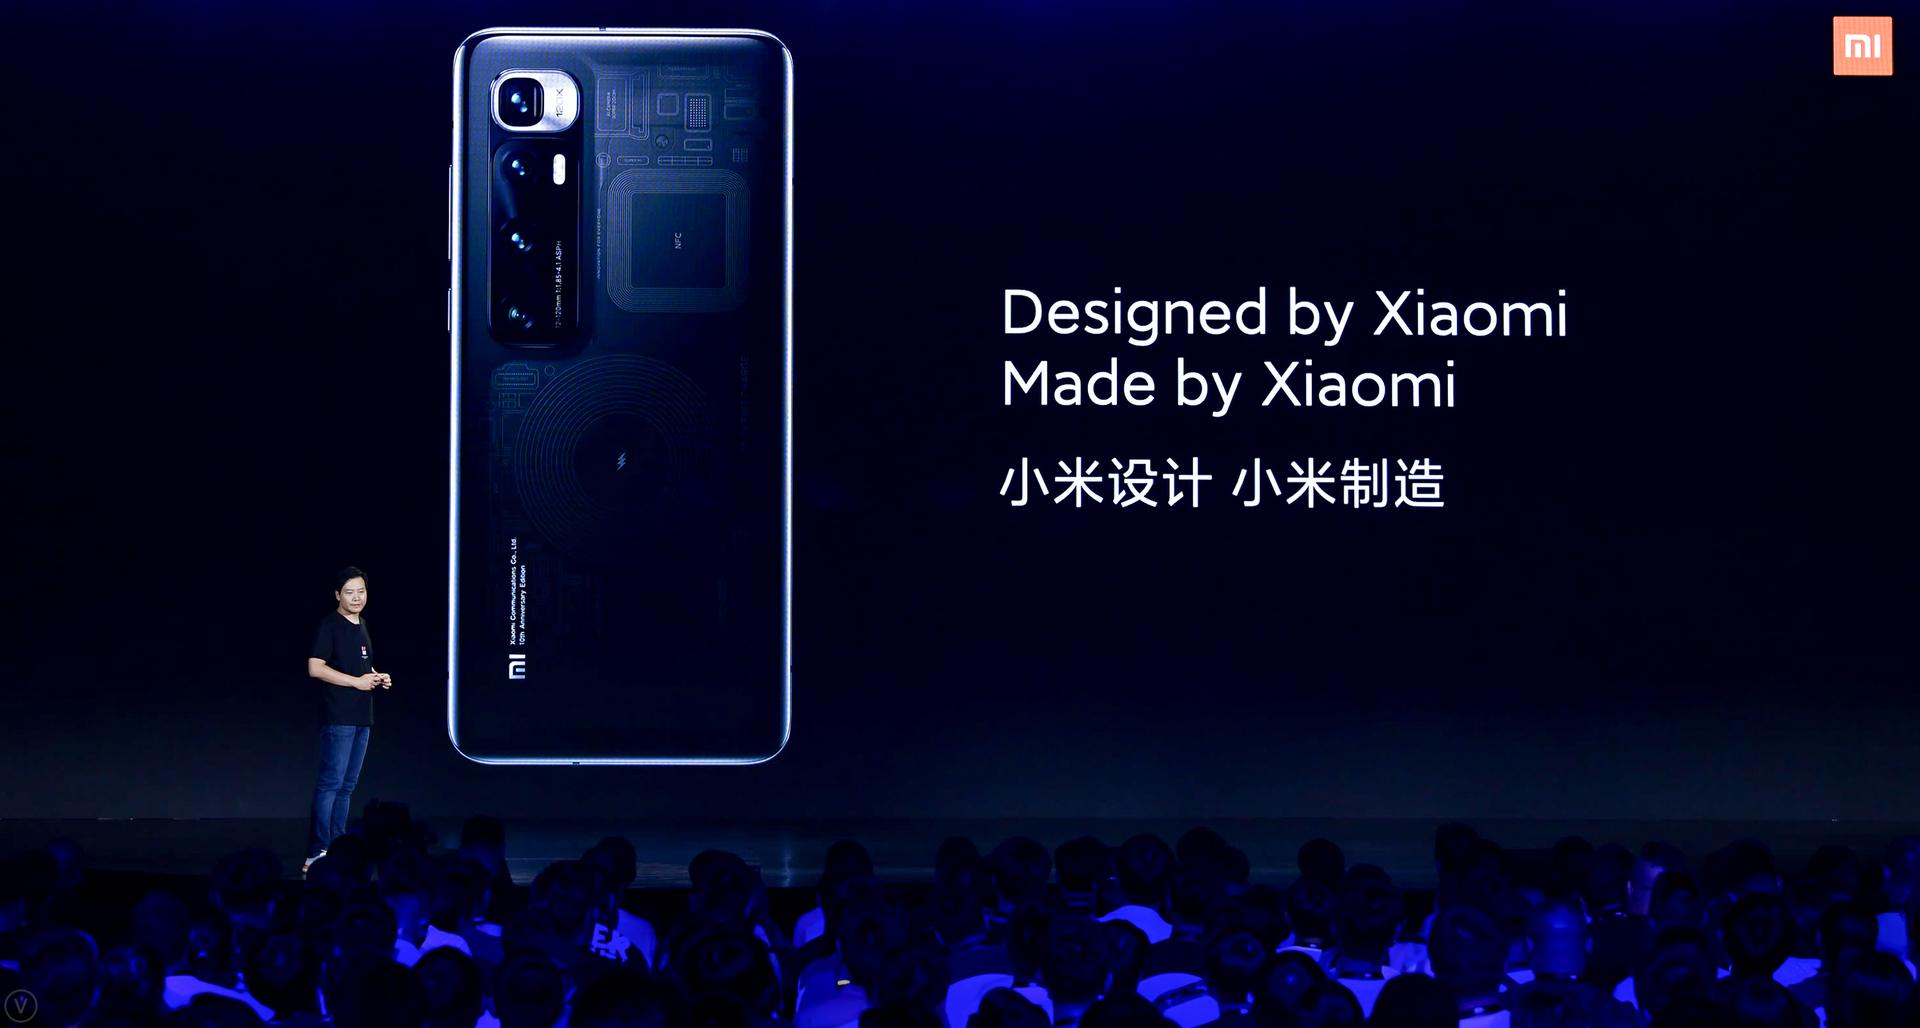 小米最新手机上米10至尊版震撼人心公布